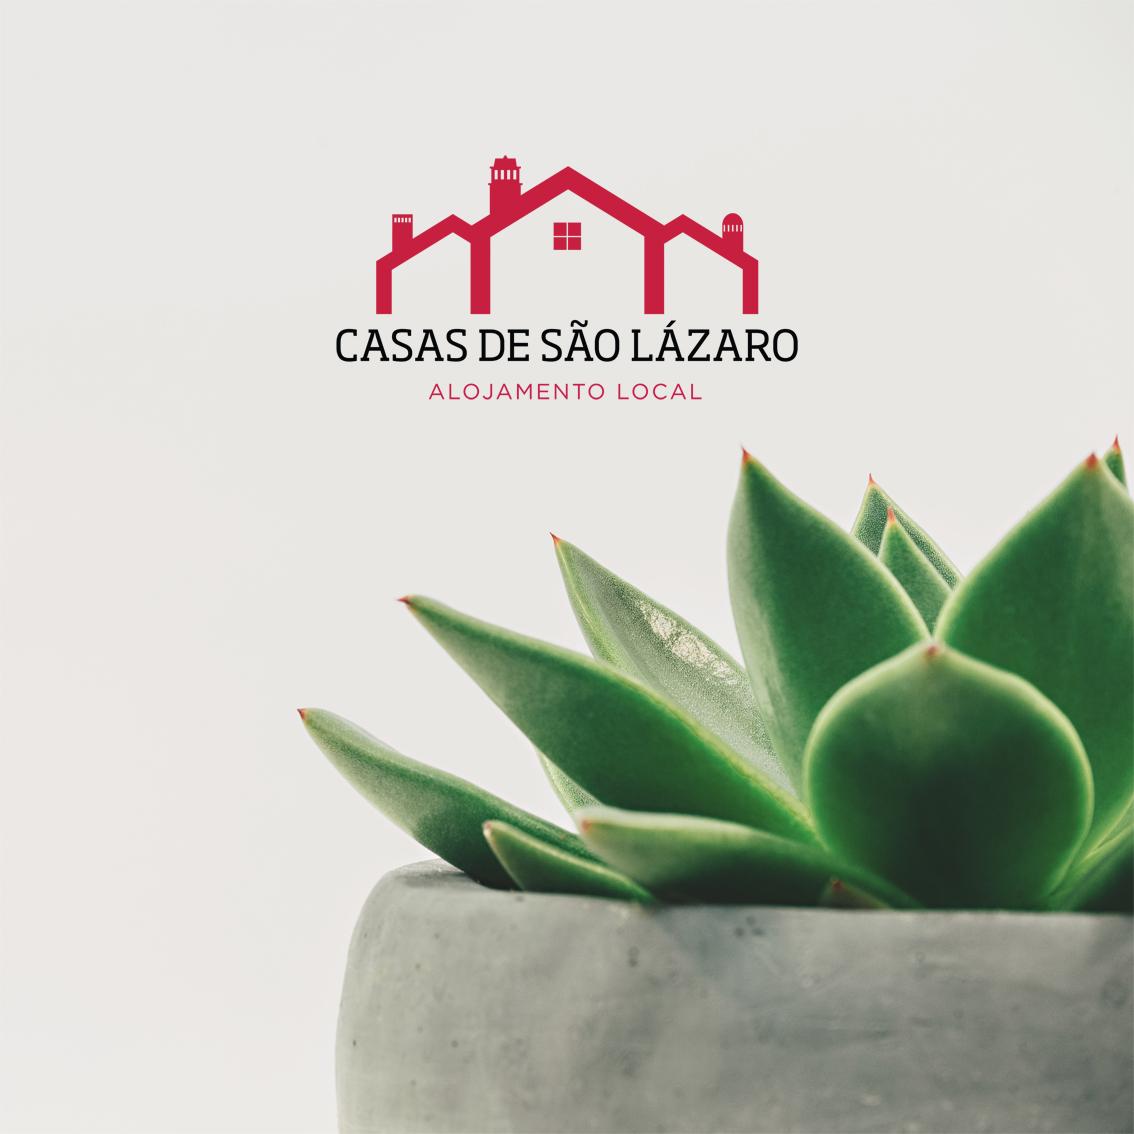 Casas de São Lázaro